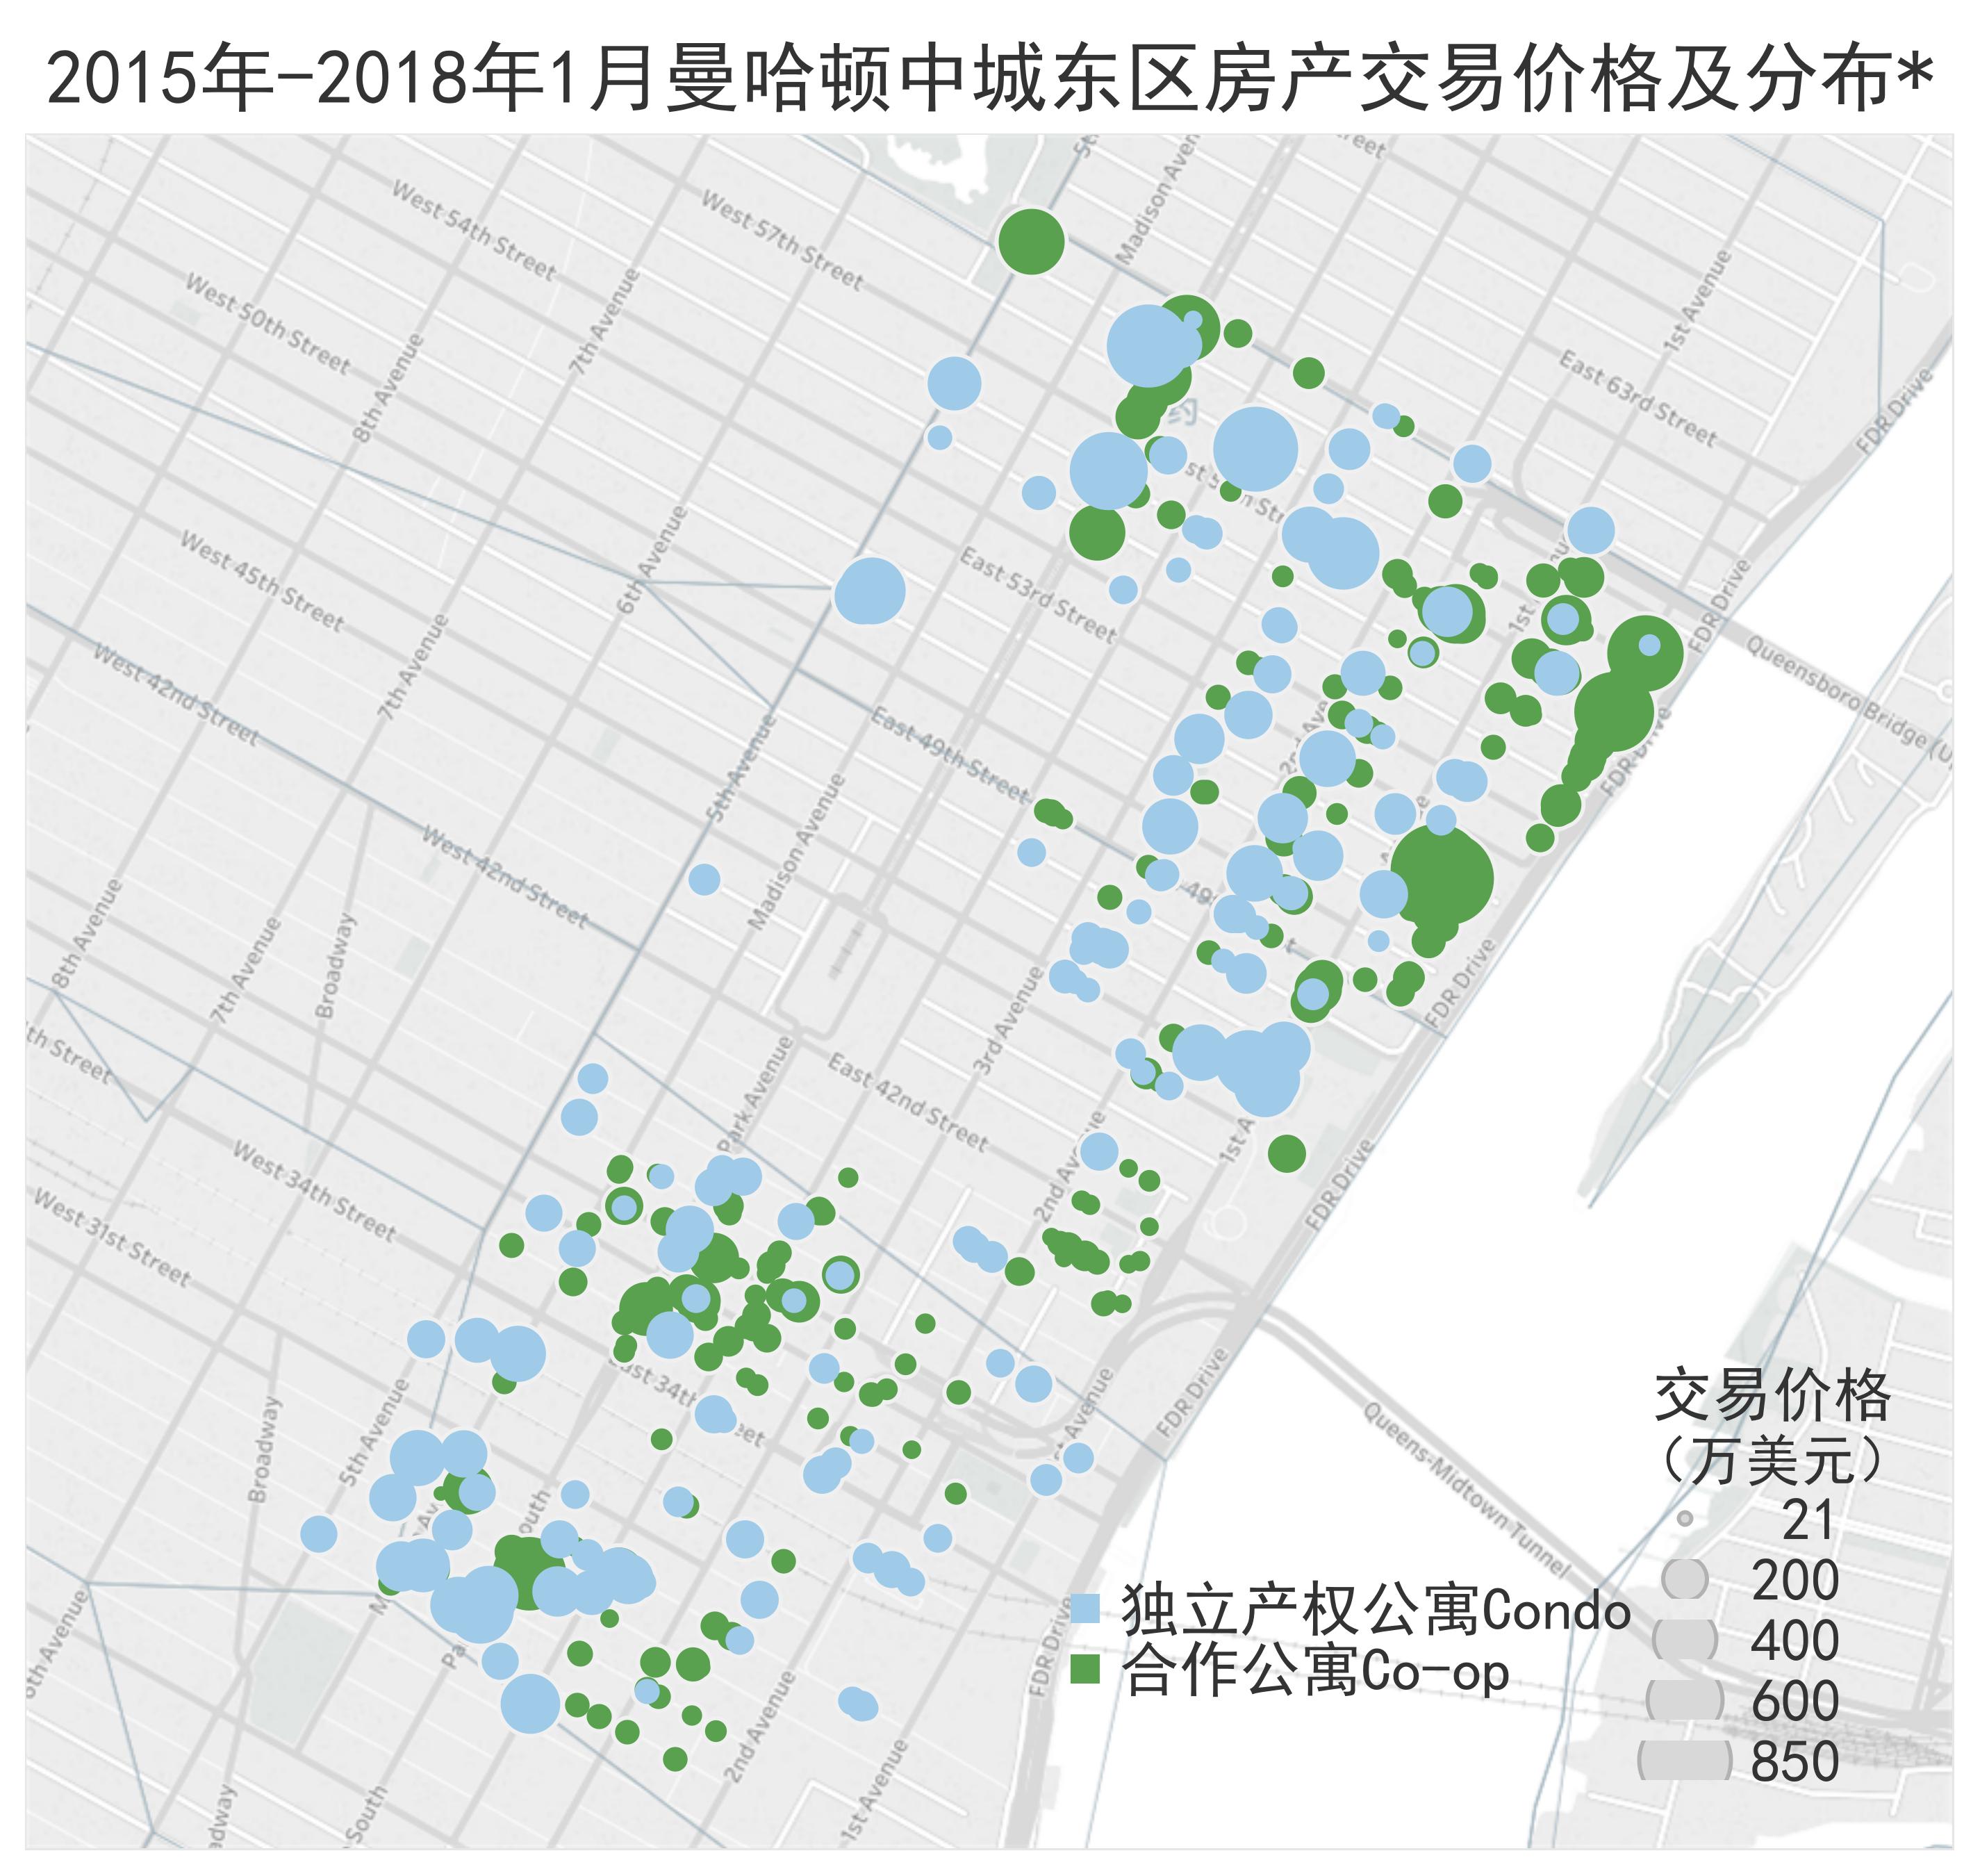 2015-2018年一月曼哈顿中城东区房产交易价格及分布